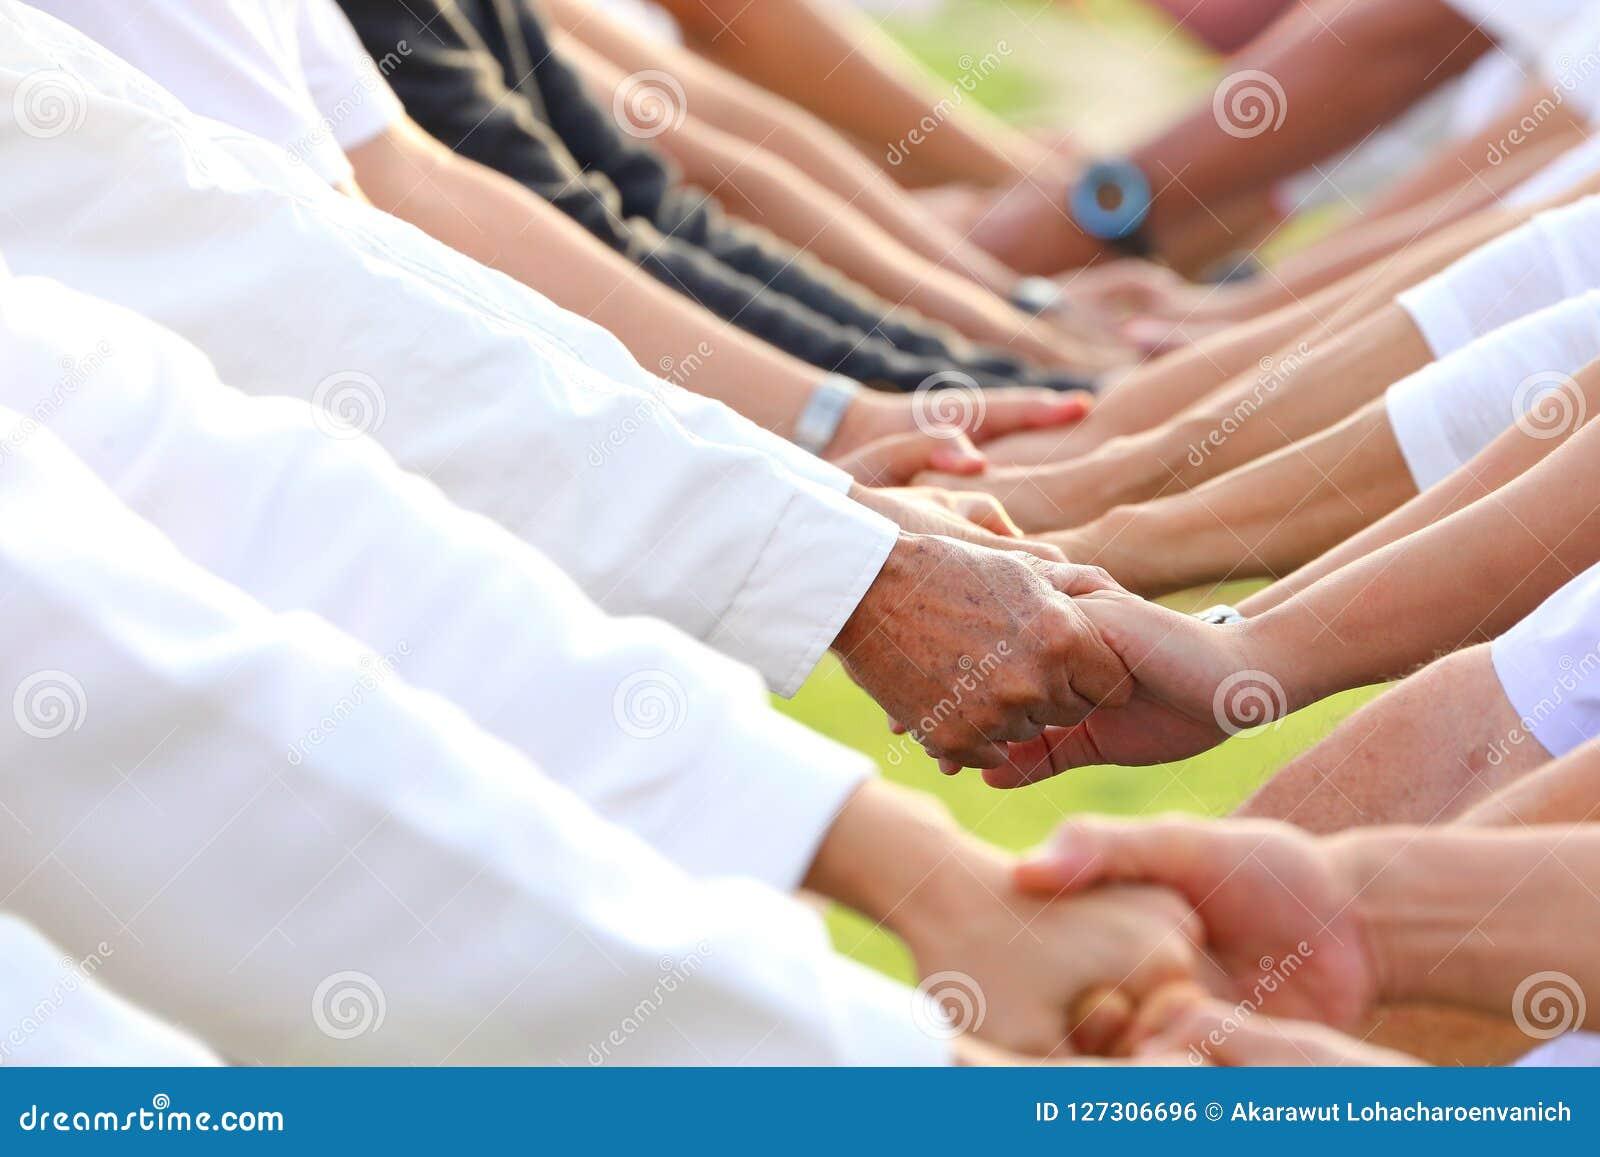 Hand, die für die Unterstützung und Empathie hält